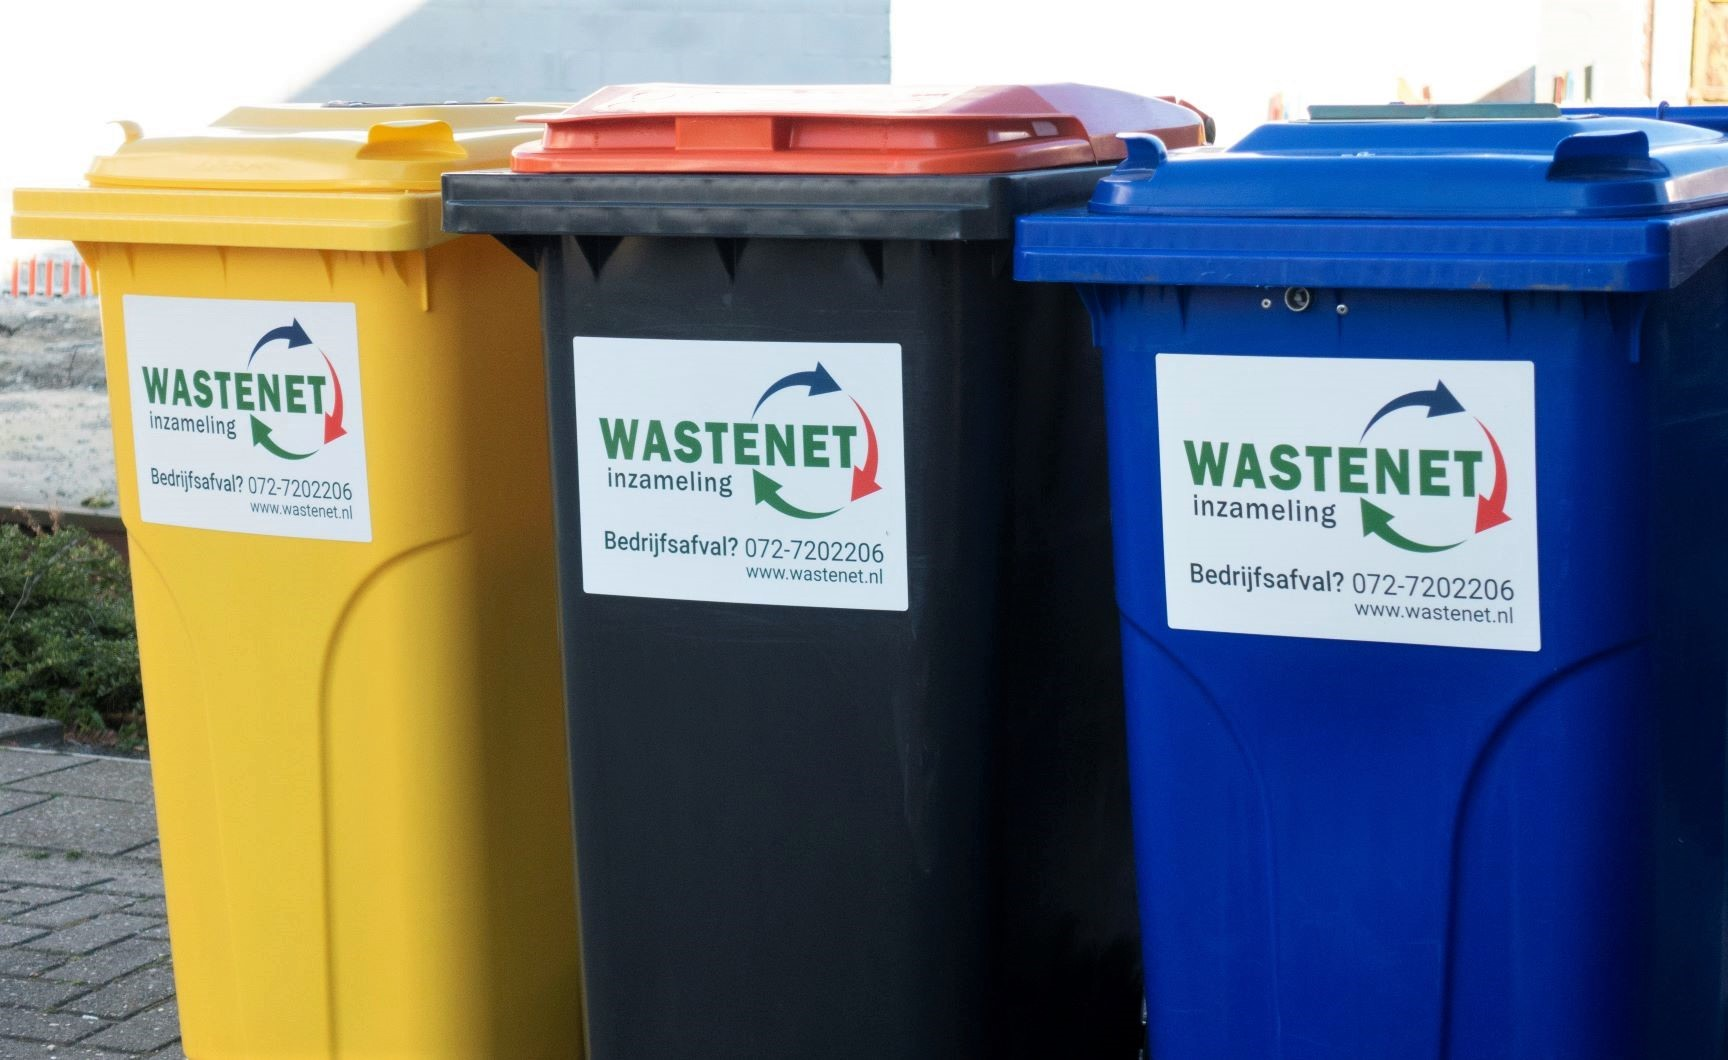 Wastenet inzameling bedrijfsafval inzamelen wie zijn wij (4)